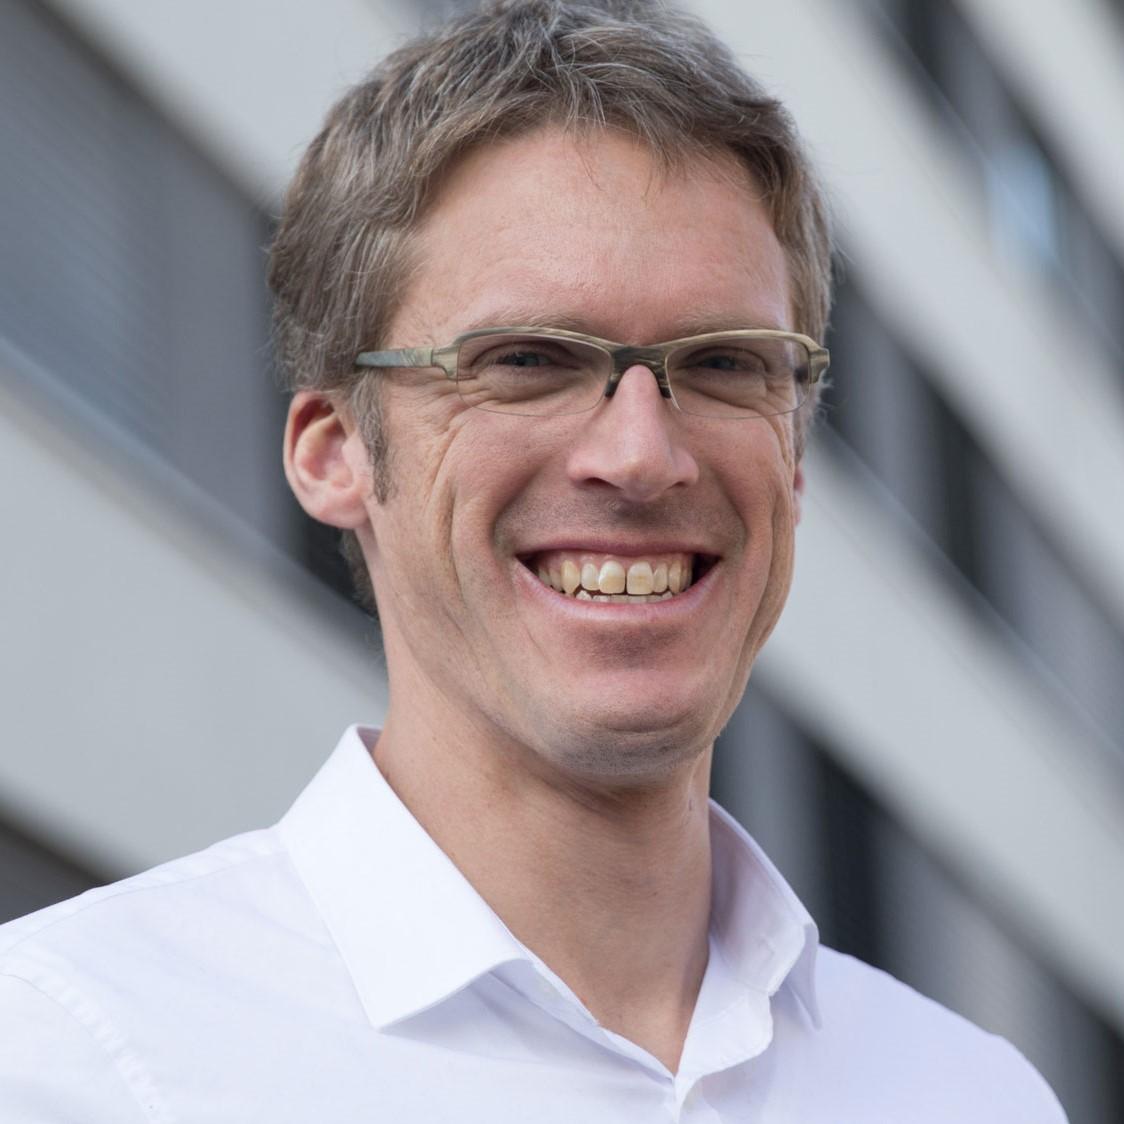 Andre Niederberger